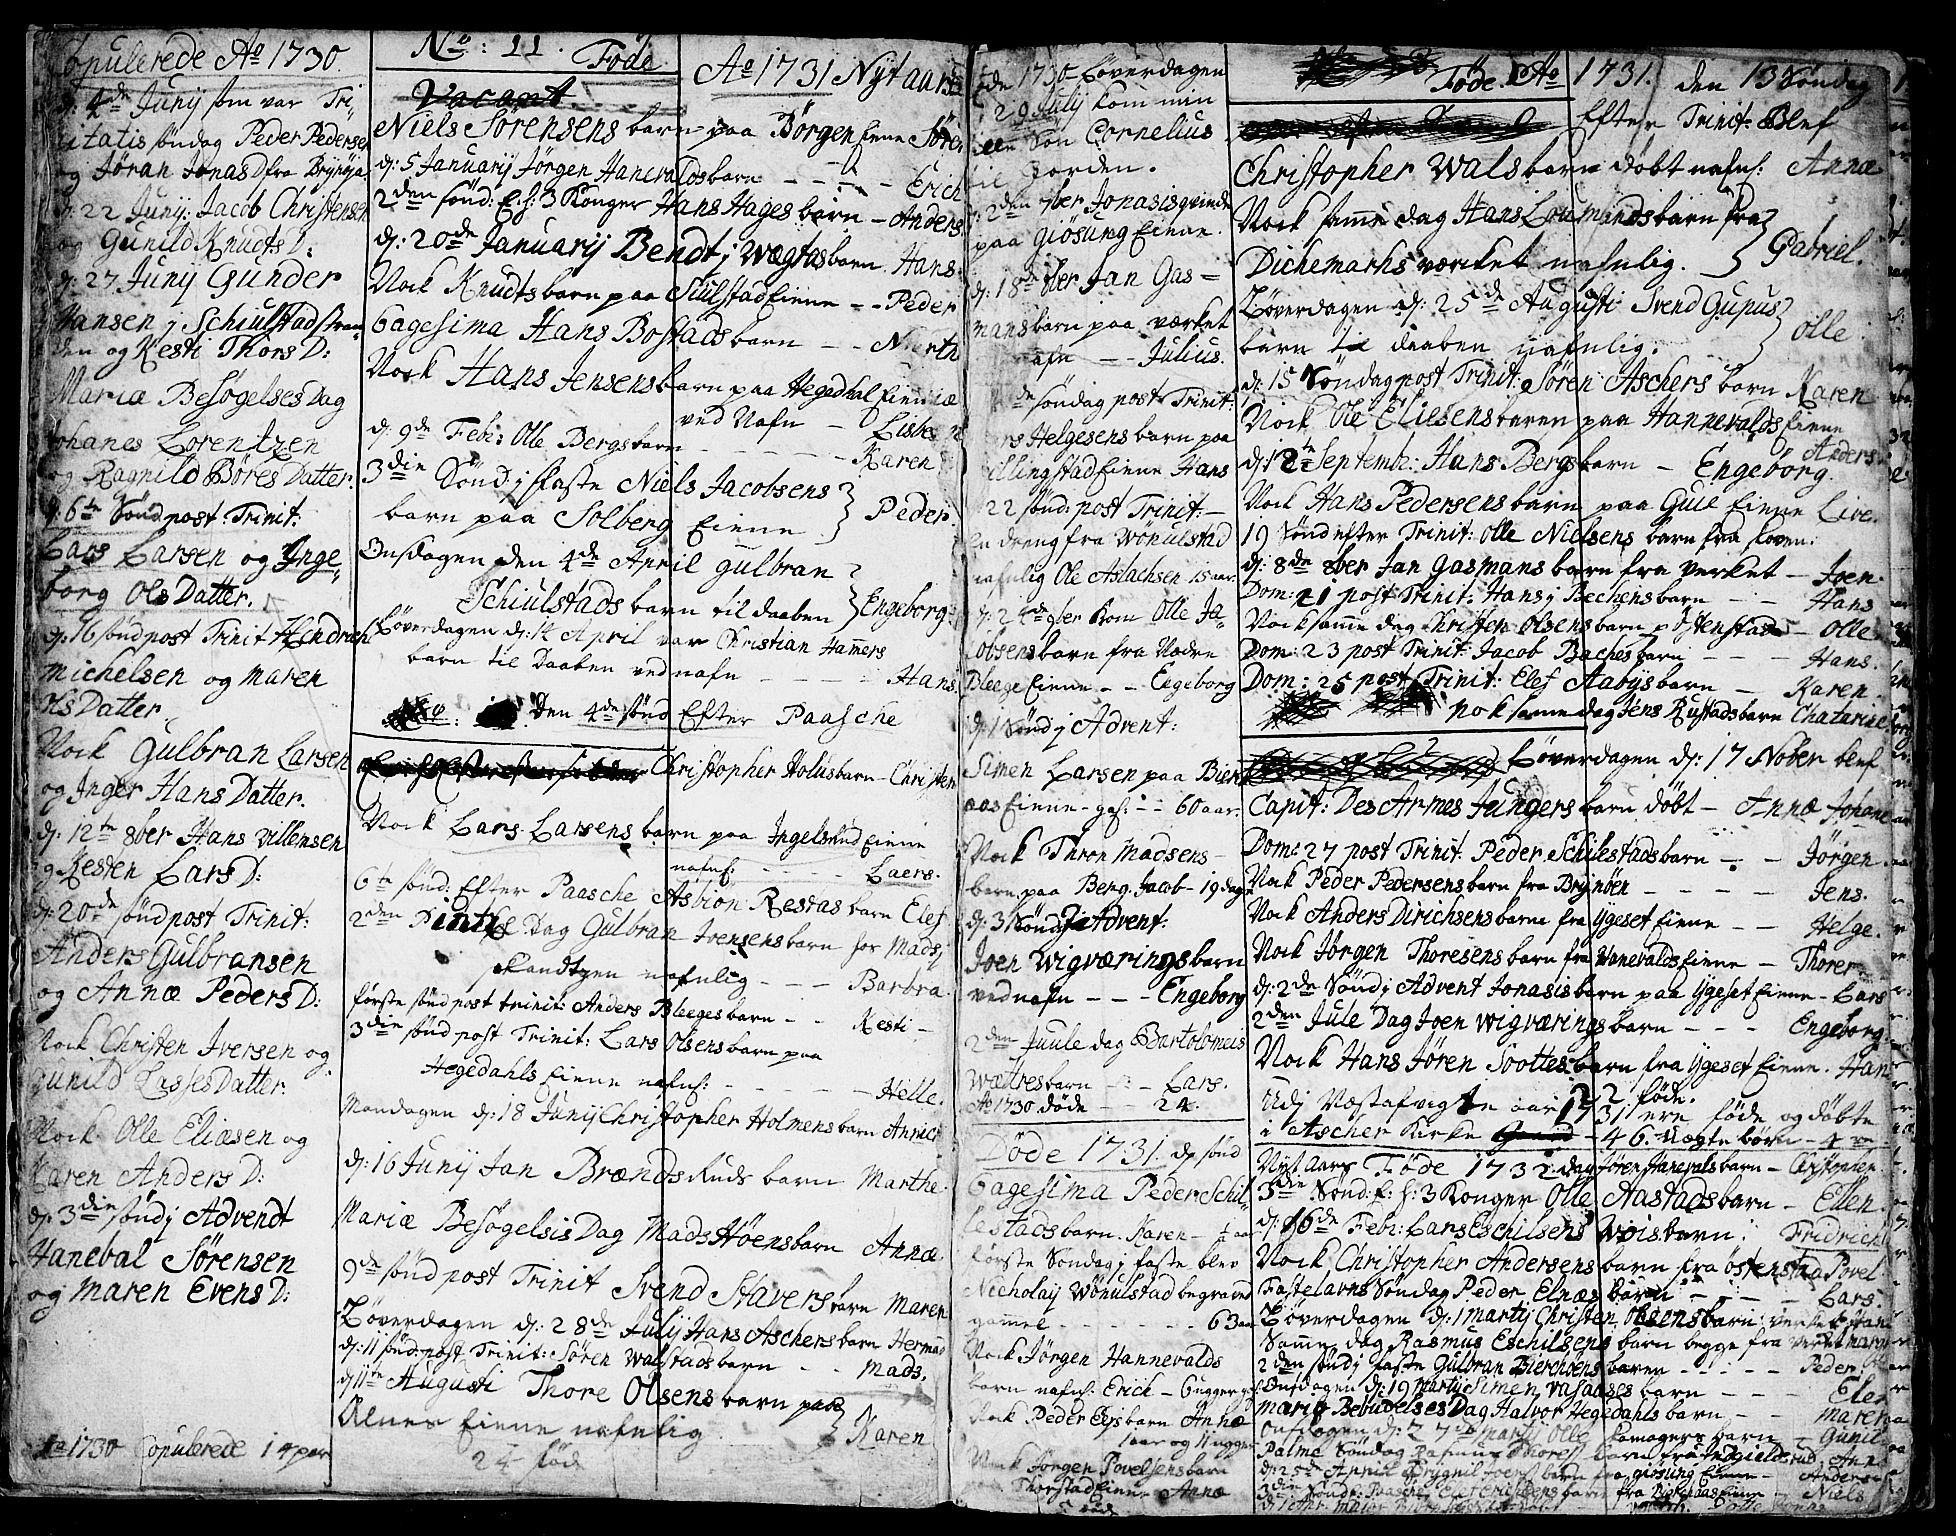 SAO, Asker prestekontor Kirkebøker, F/Fa/L0001: Ministerialbok nr. I 1, 1726-1744, s. 6